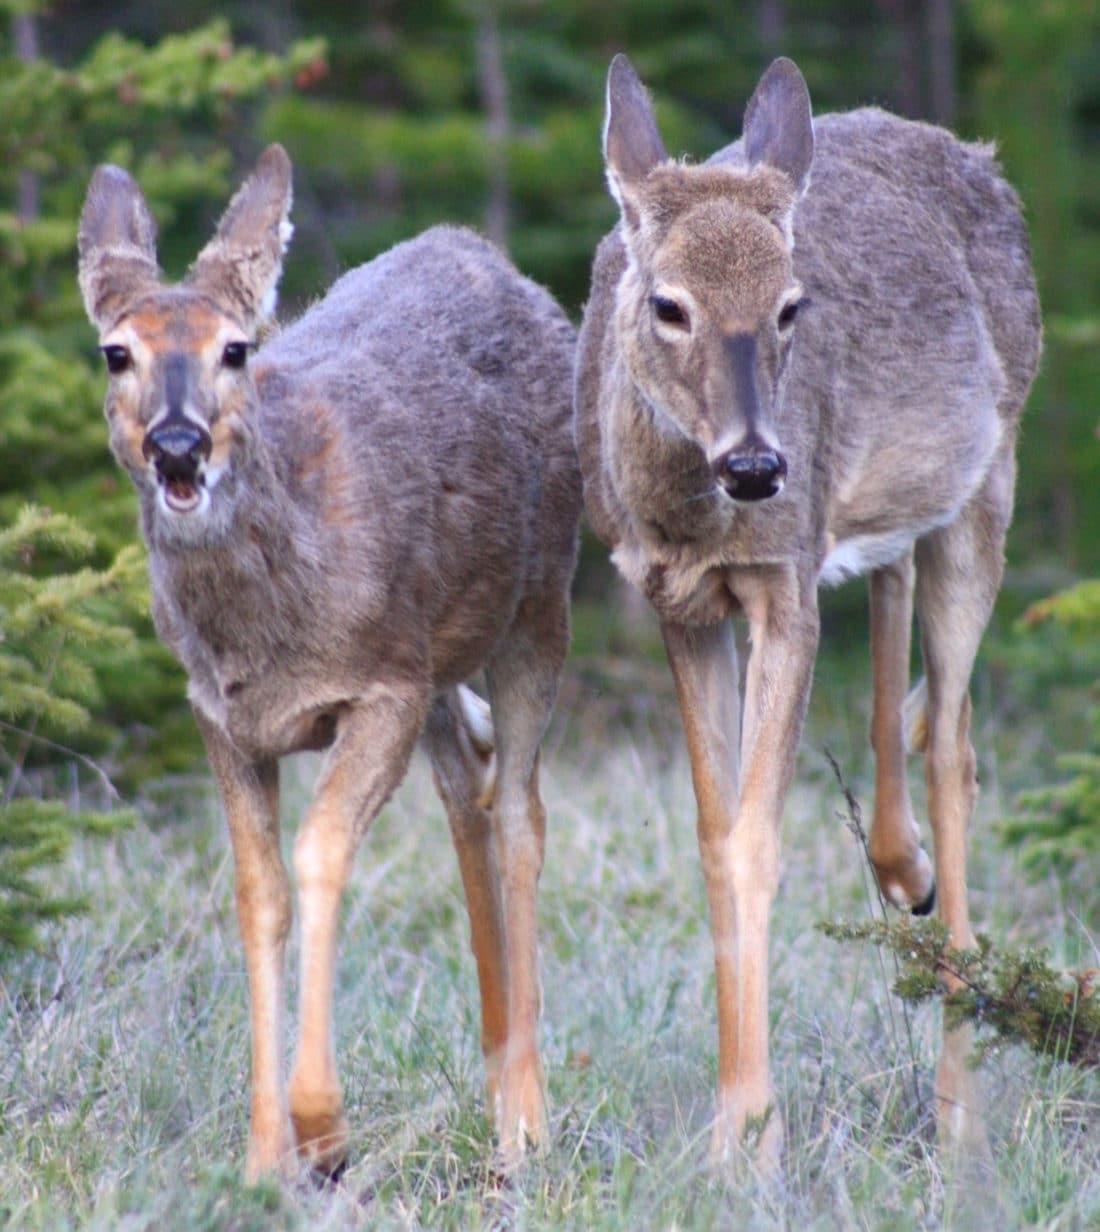 Rehe im Jasper Nationalpark Kanada - Reisebericht und Foto von CicoBerlin